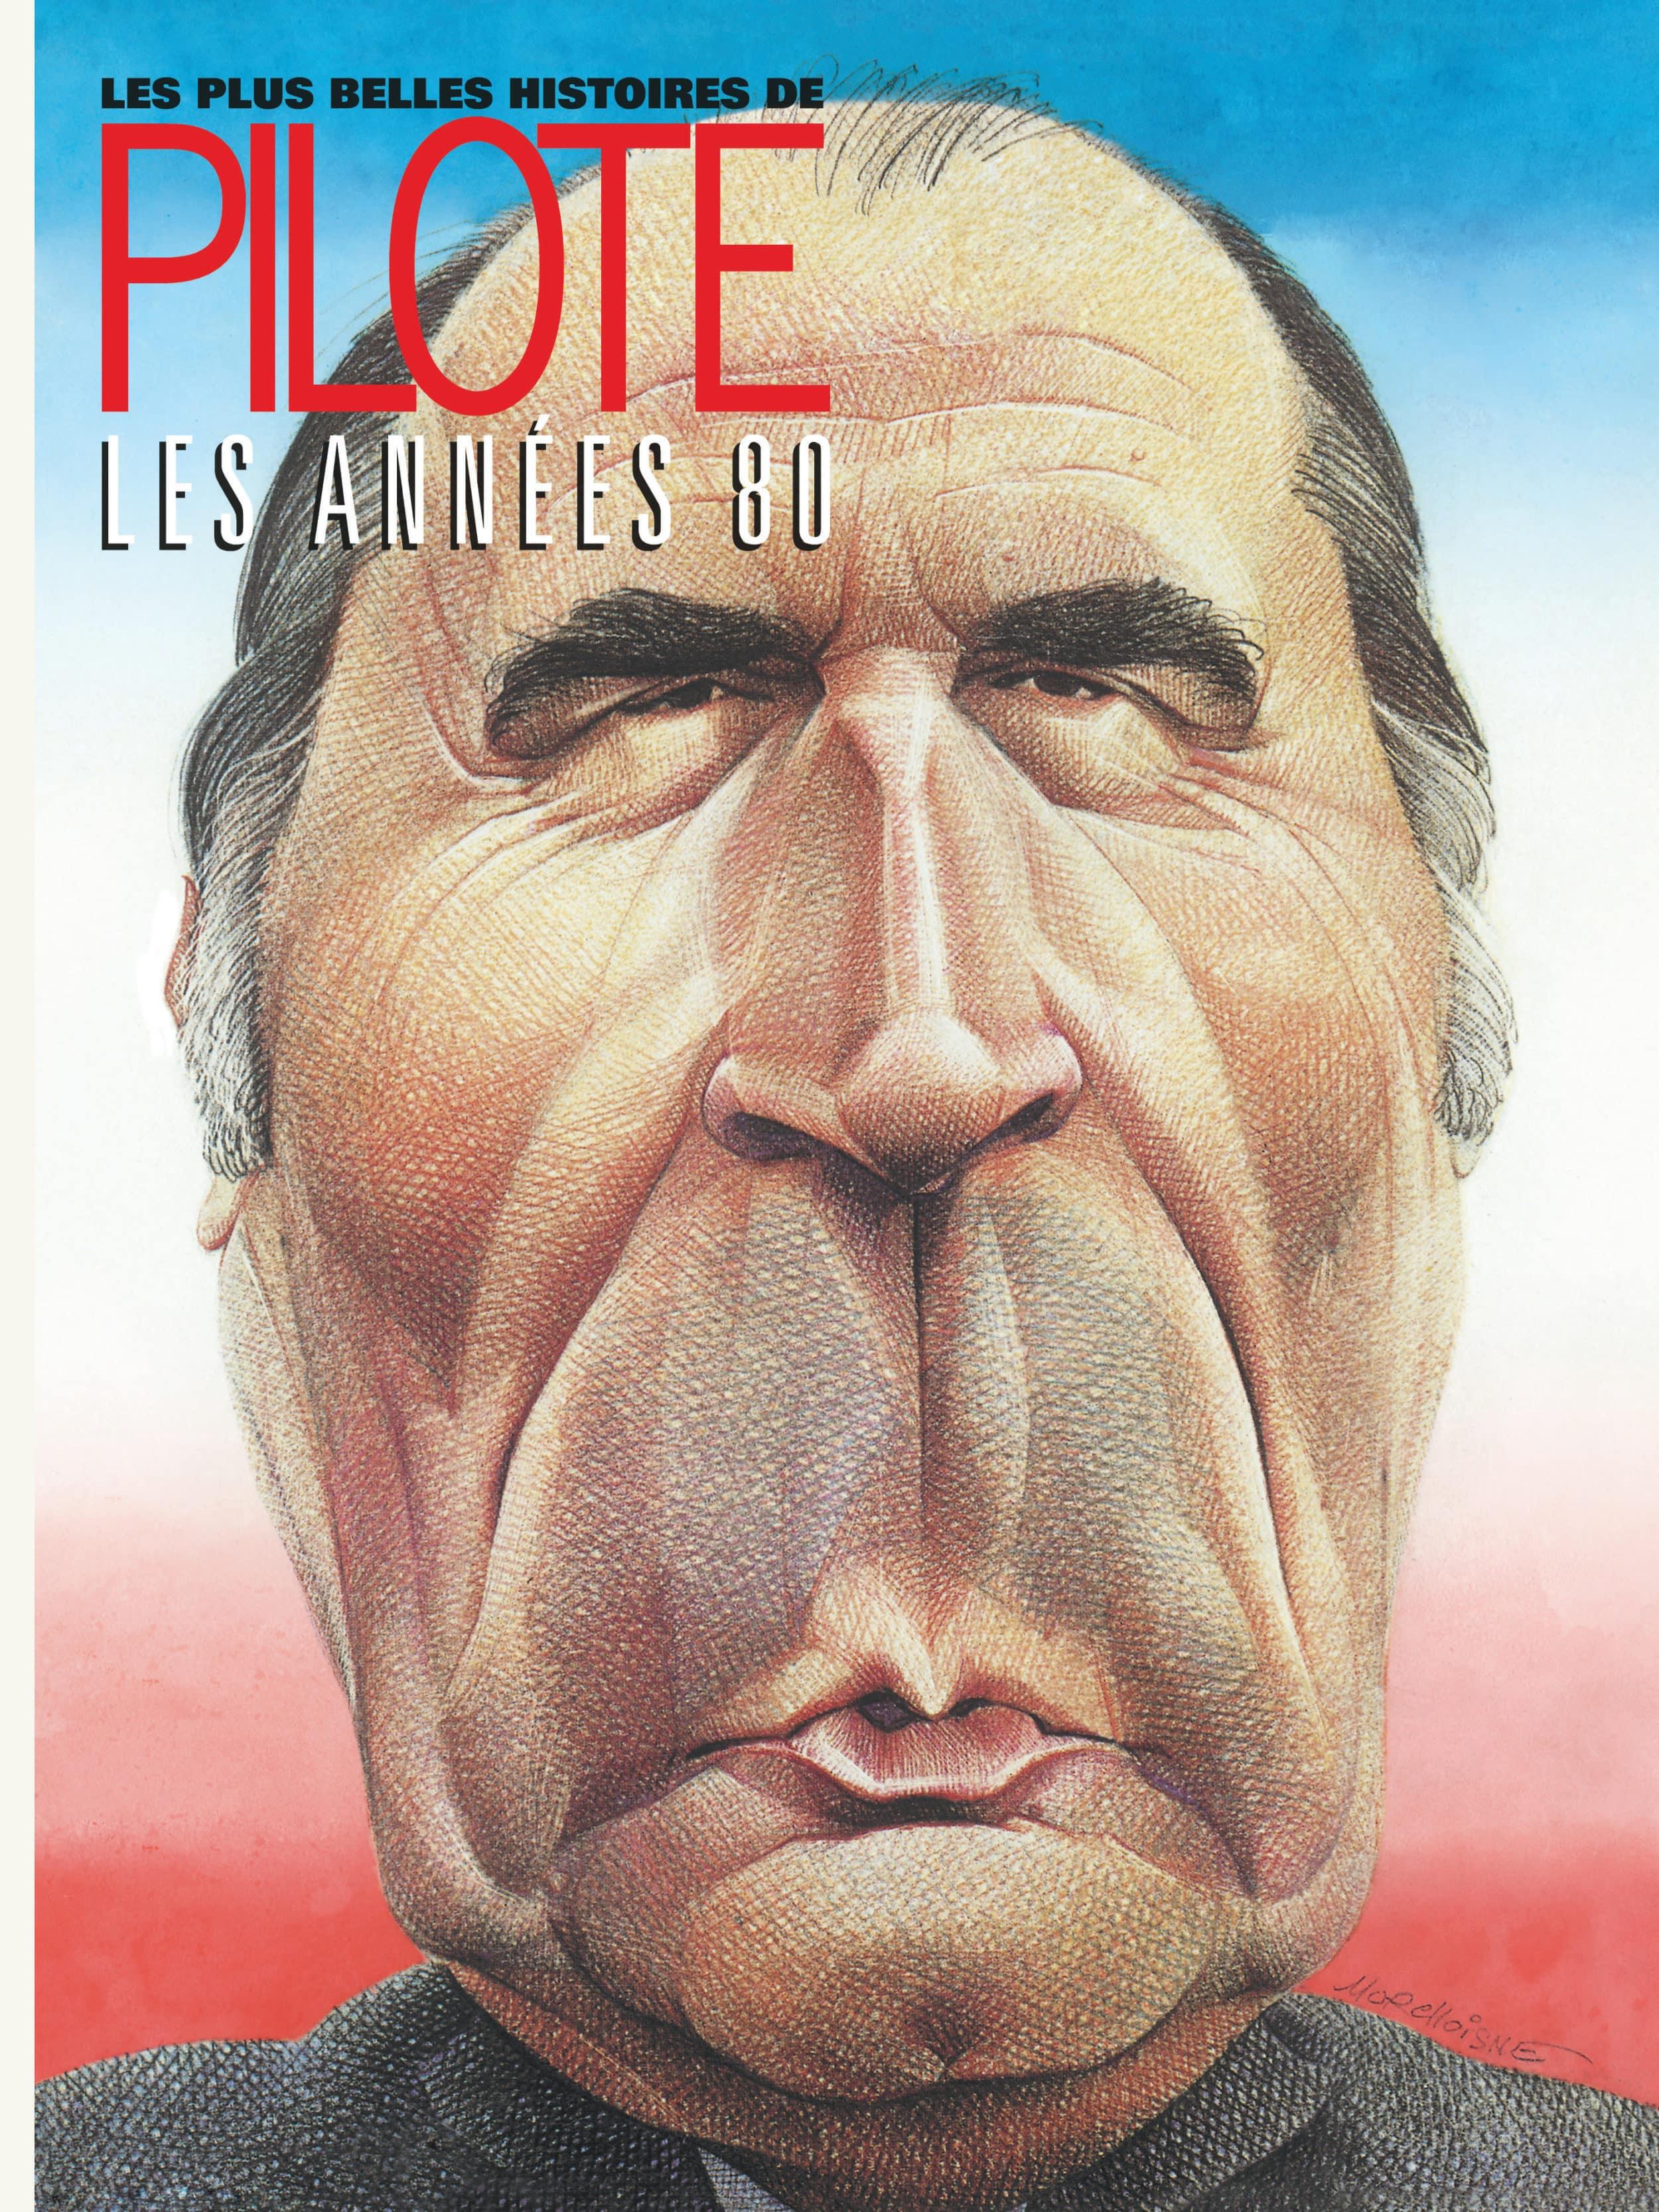 Les Plus belles histoires de Pilote T4, 1981 à 1985